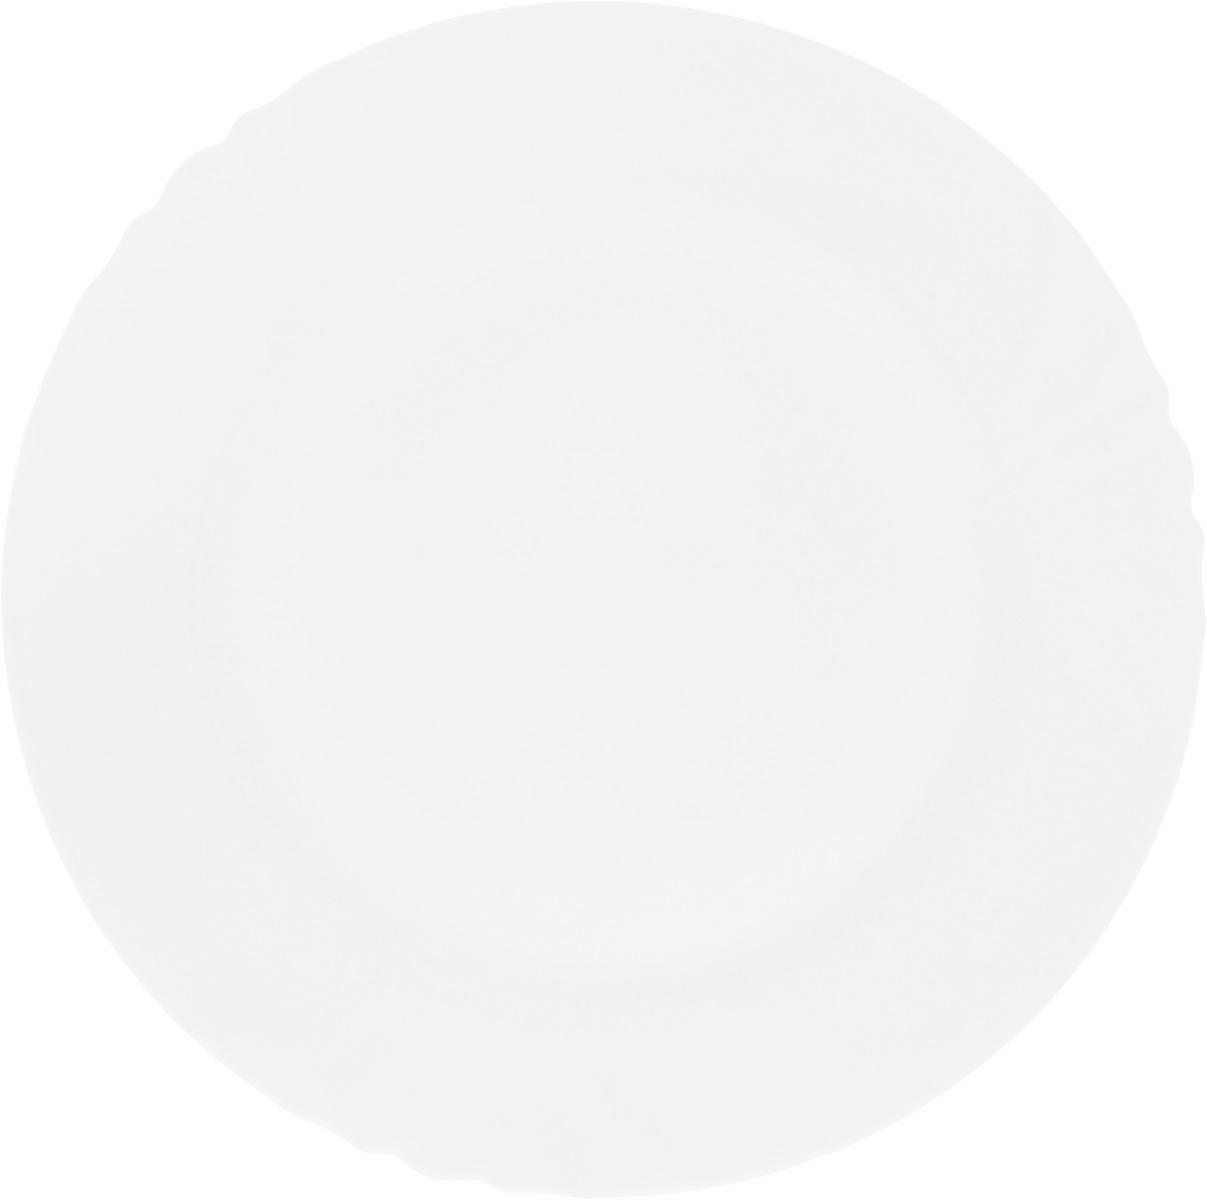 Тарелка обеденная Luminarc Cadix, диаметр 27.5 смD7380Обеденная тарелка Luminarc Cadix, изготовленная из ударопрочного стекла, имеет изысканный внешний вид. Яркий дизайн придется по вкусу и ценителям классики, и тем, кто предпочитает утонченность. Тарелка Luminarc Cadix идеально подойдет для сервировки вторых блюд из птицы, рыбы, мяса или овощей, а также станет отличным подарком к любому празднику. Диаметр тарелки (по верхнему краю): 27,5 см.